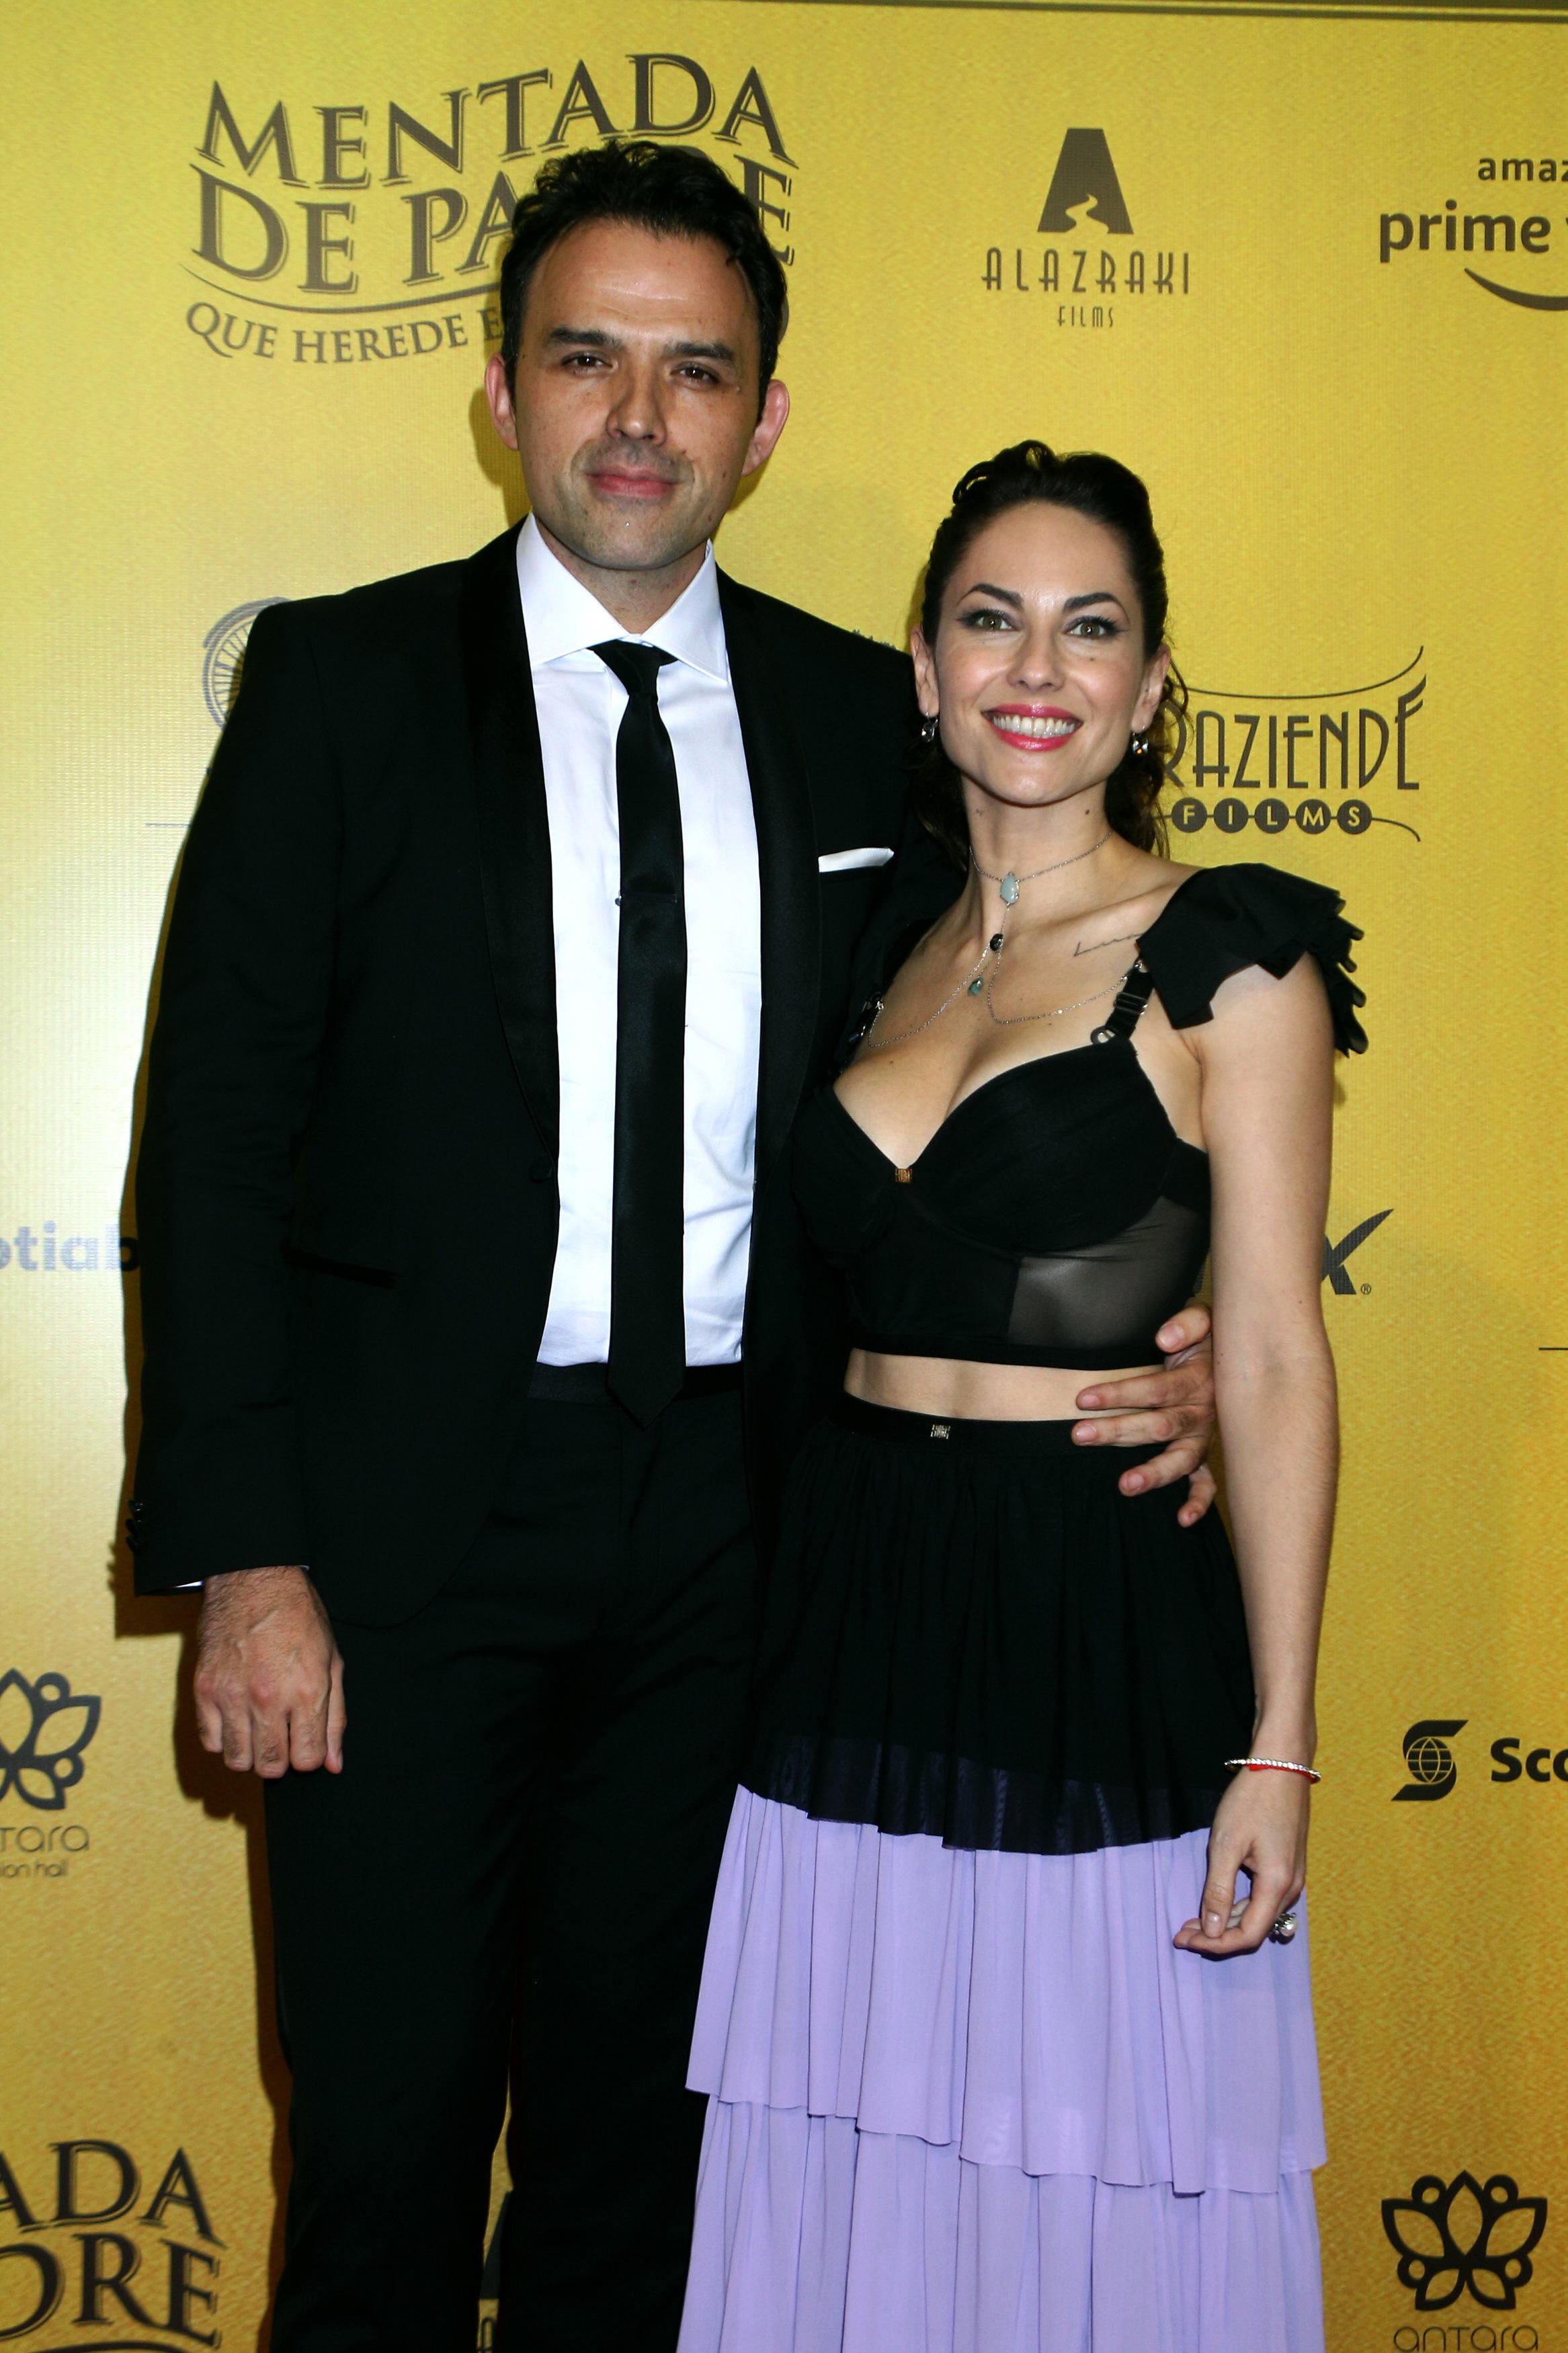 Bárbara Mori y Fernando Rovzar premiere de la película Mentada de padre